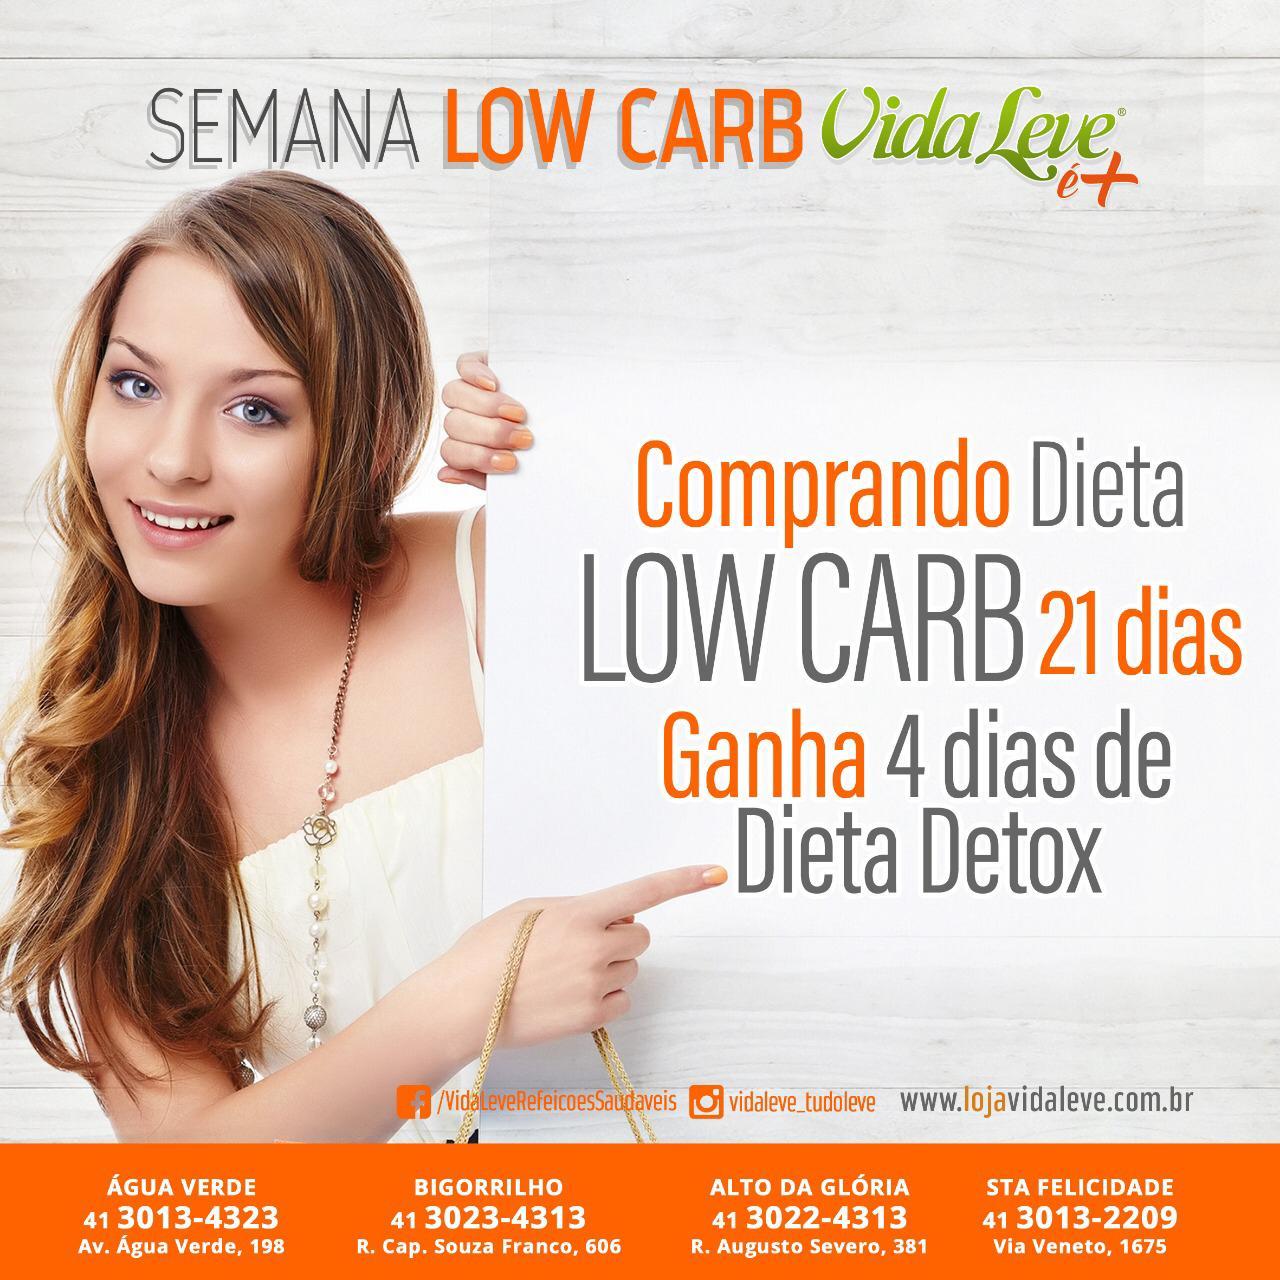 Dieta Low Carb - 21 dias + 4 dias Detox